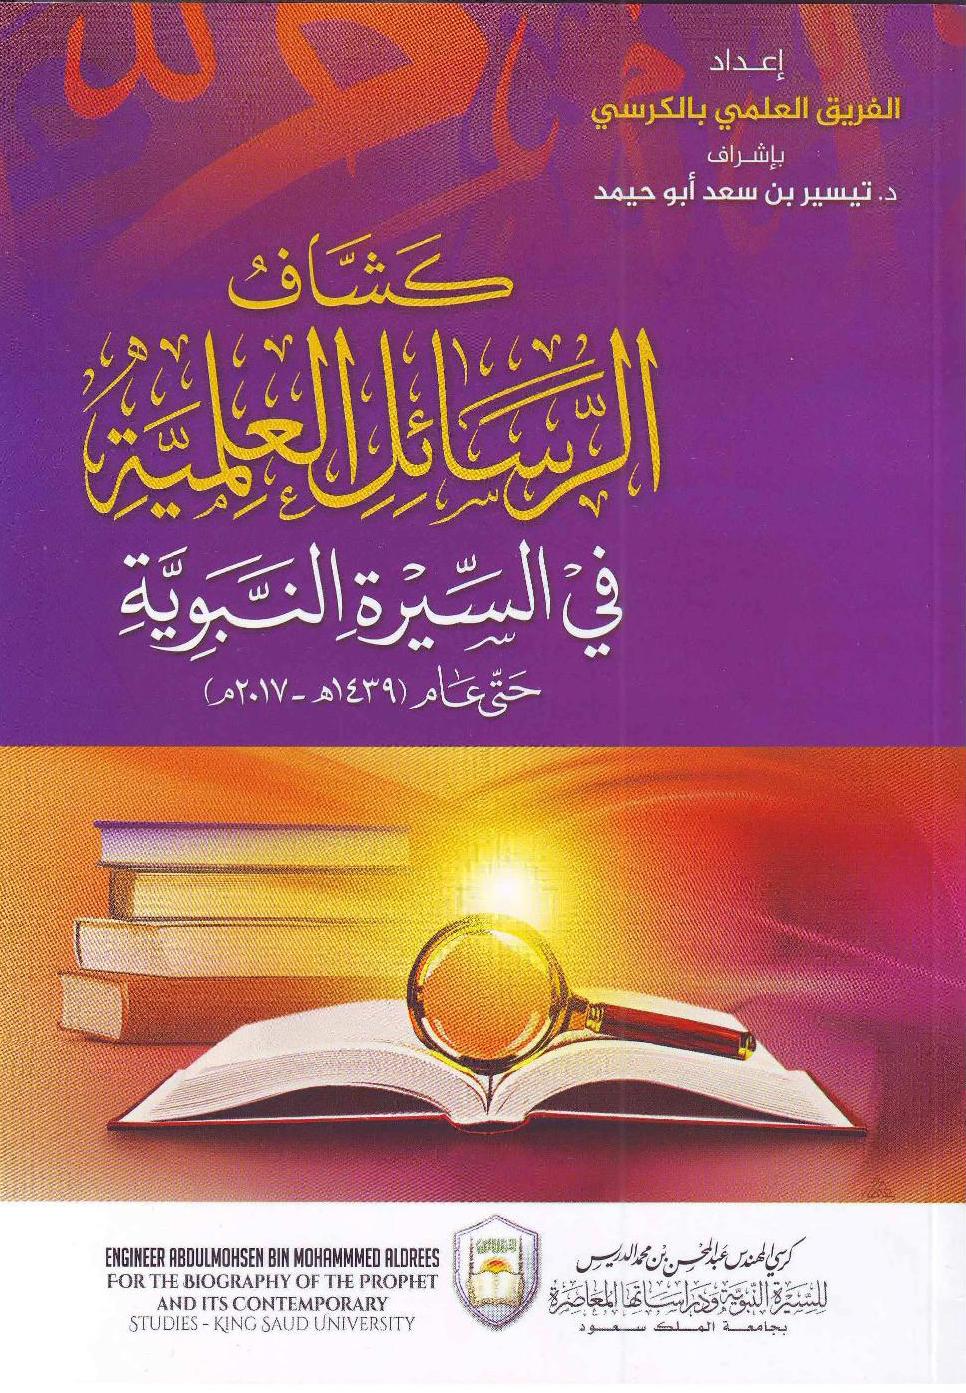 صدور كتاب كشاف الرسائل العلمية في السيرة النبوية (حتى عام 1439هـ)